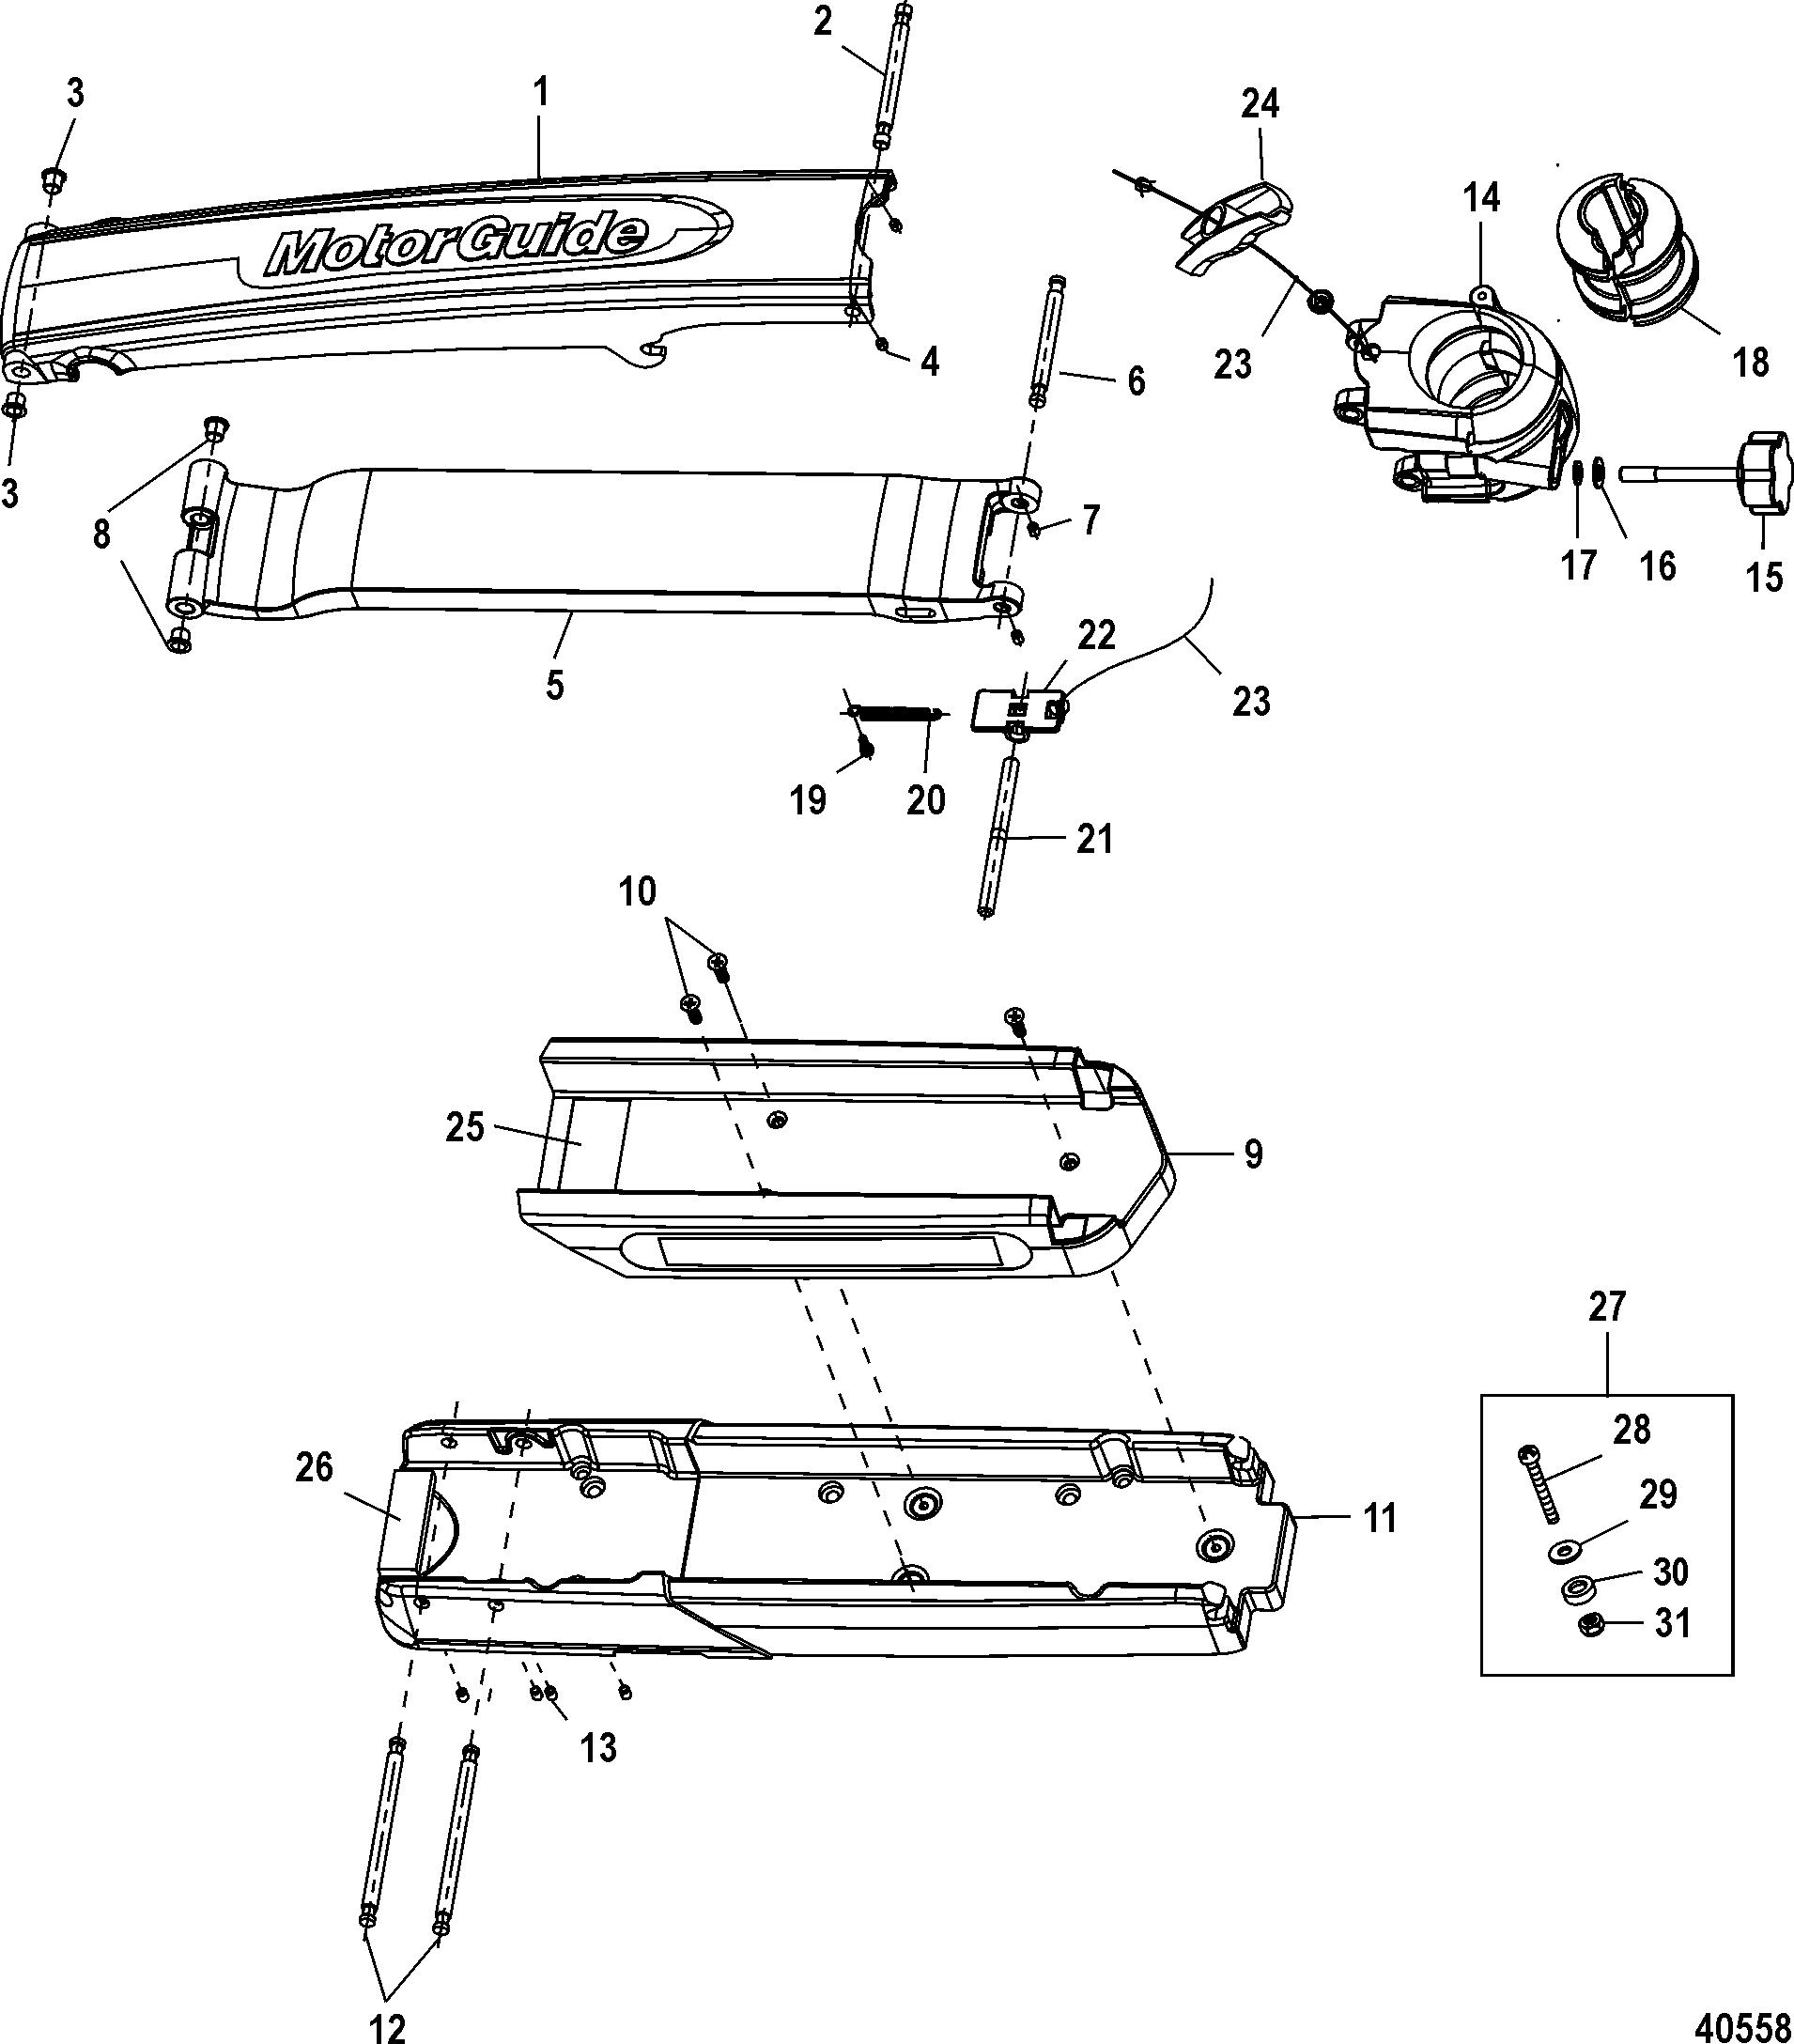 salt spreader wiring diagram meyers snow plows